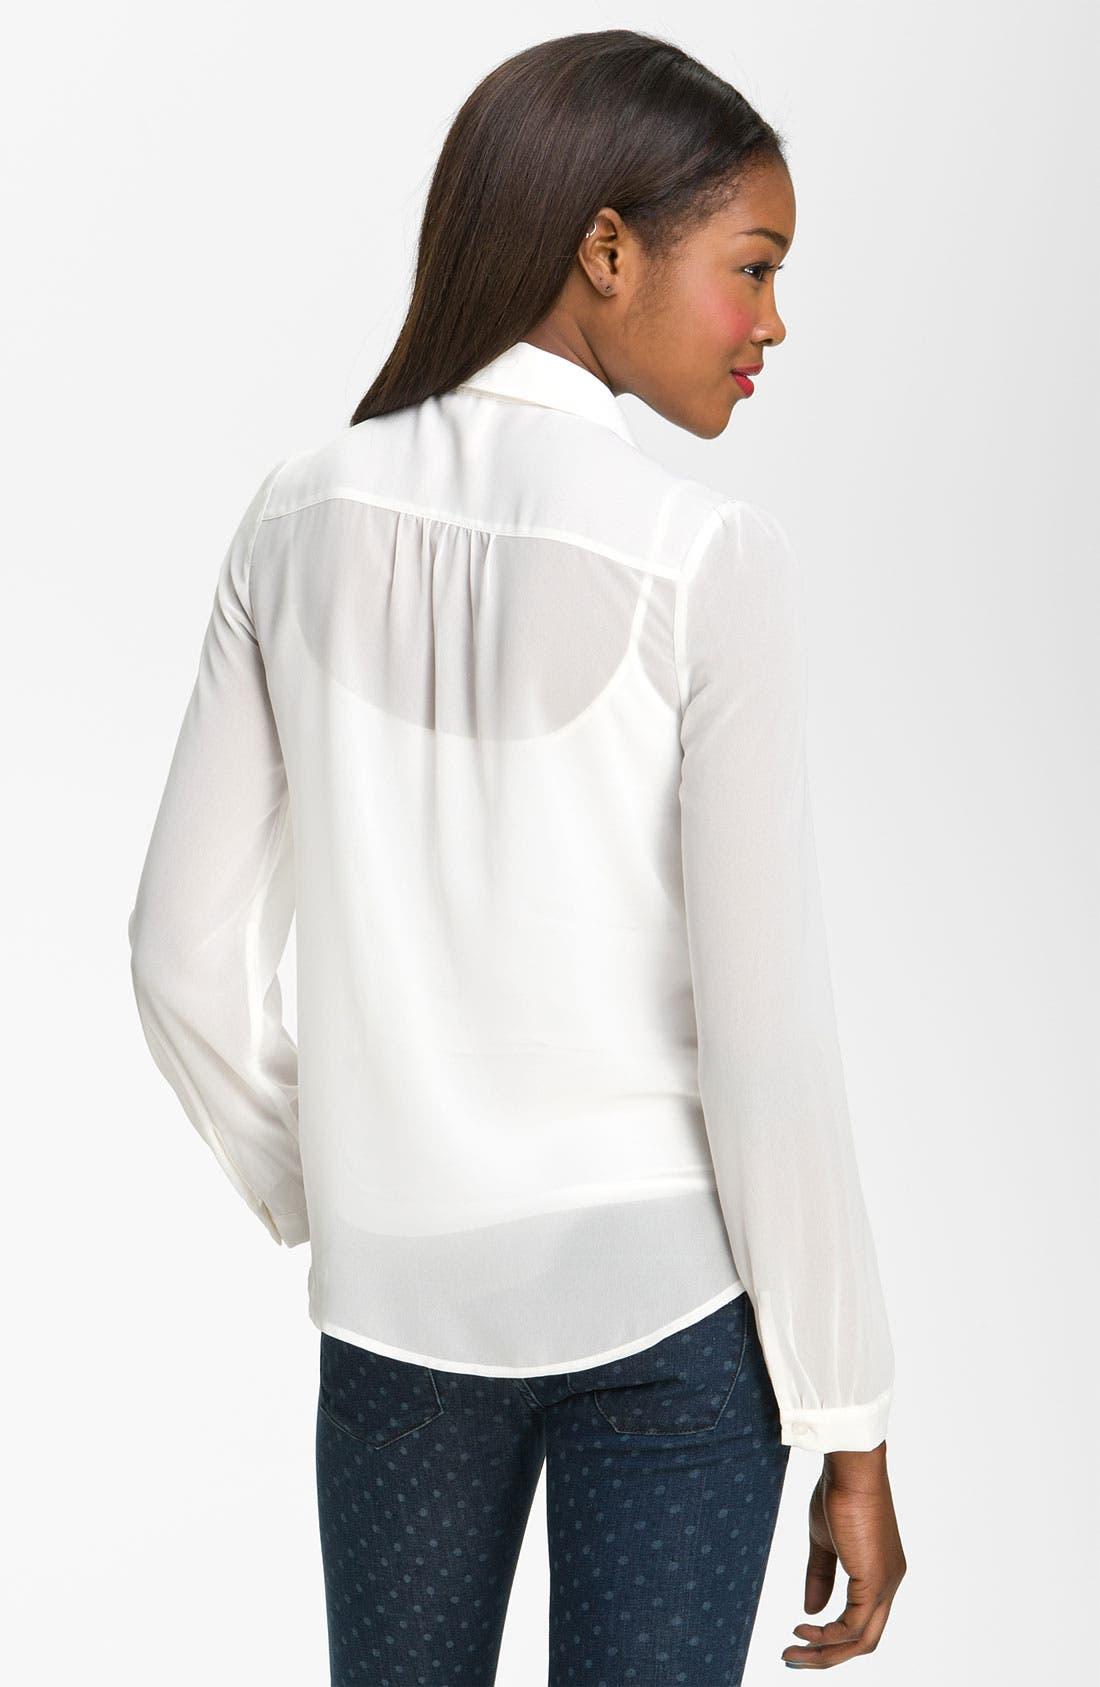 Alternate Image 2  - Frenchi® Sheer Chiffon Shirt (Juniors)